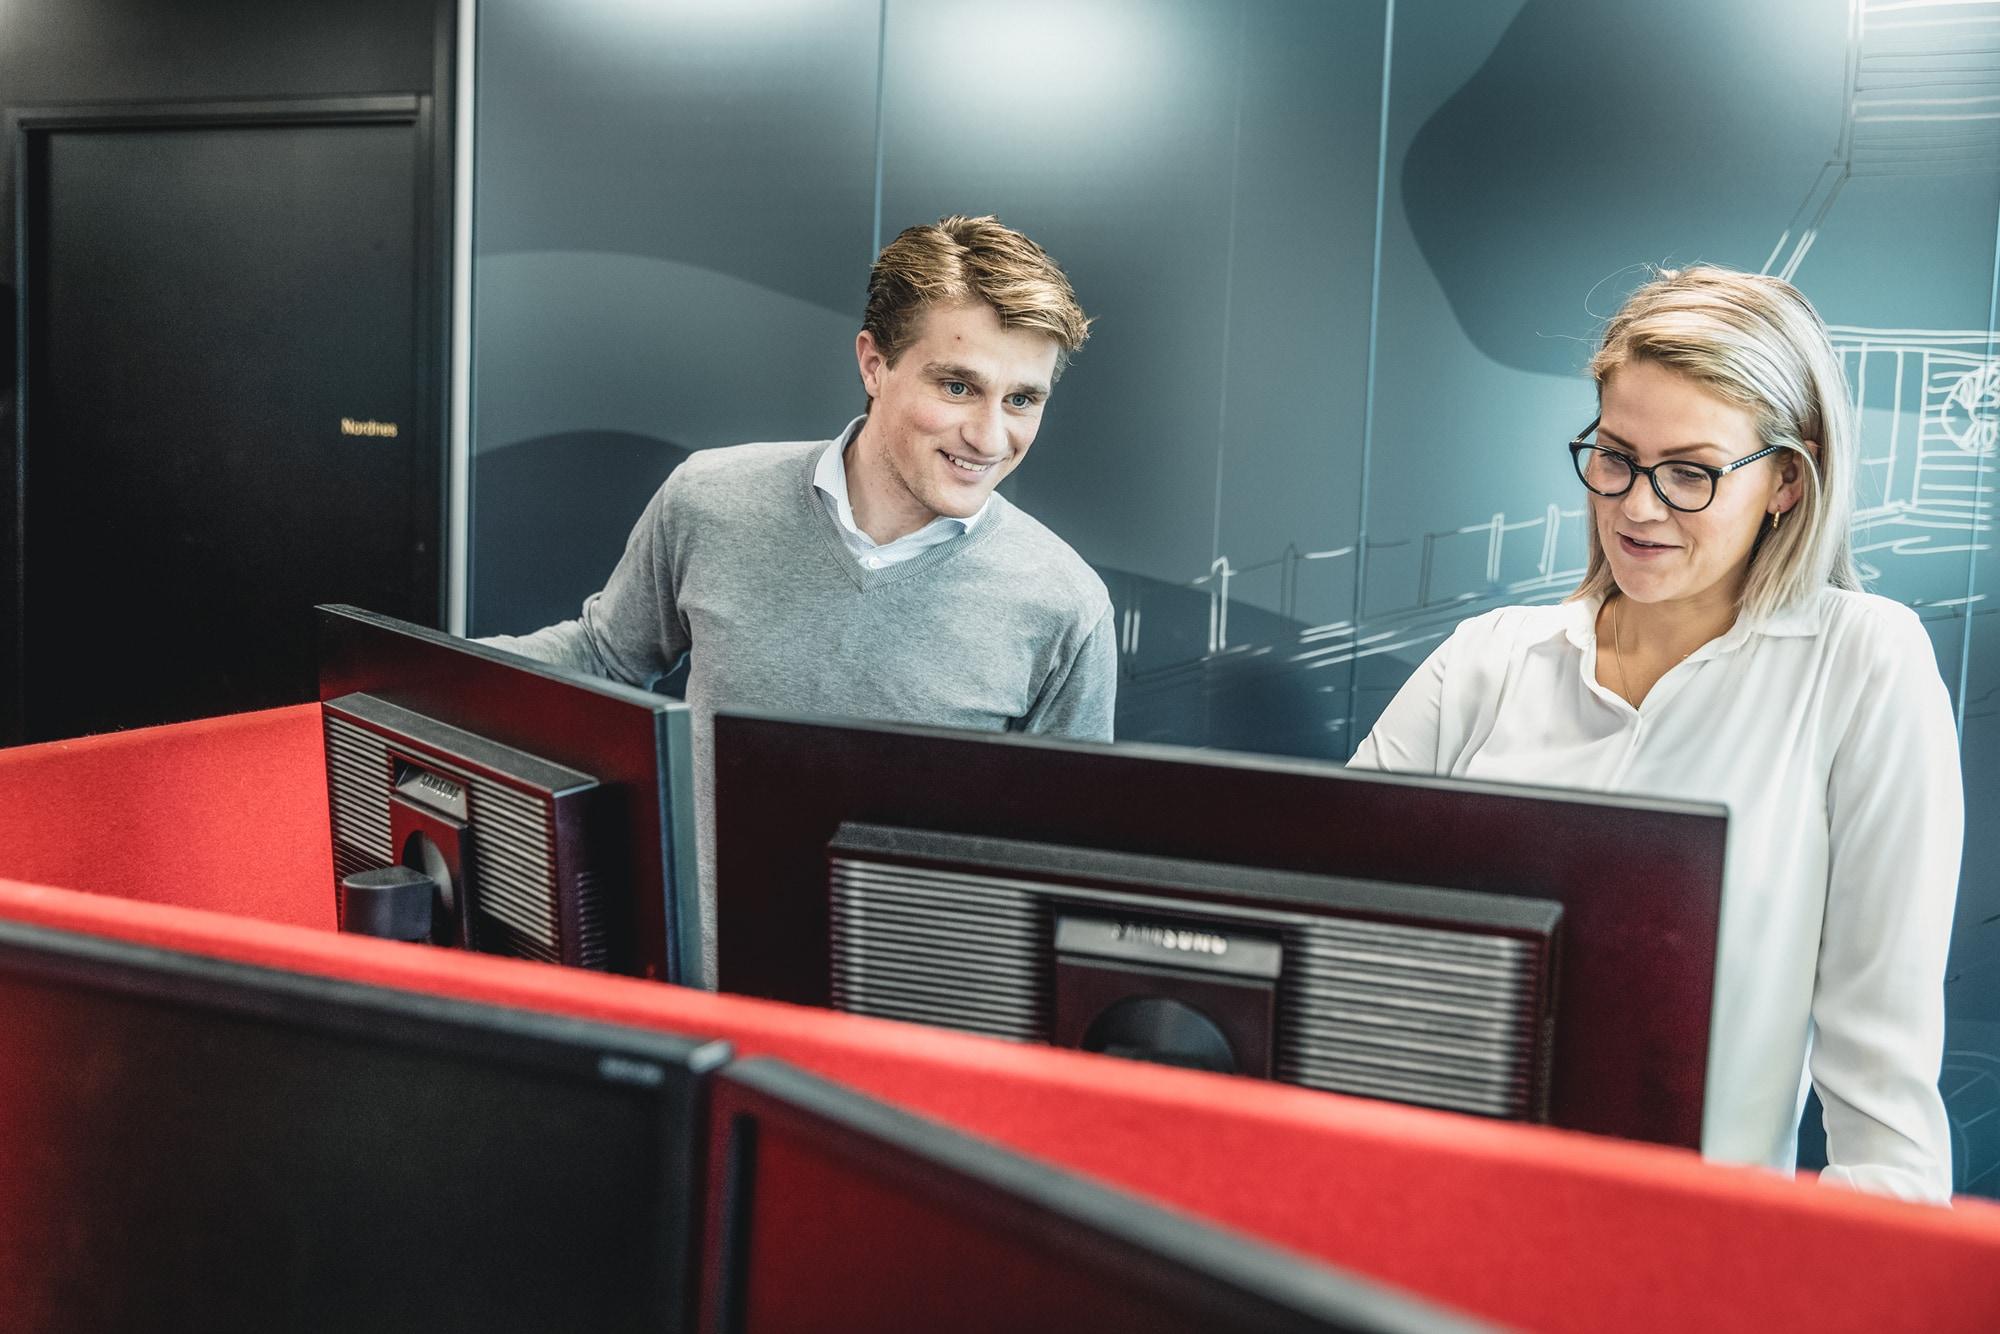 Mannlig og kvinnelig kollega ser på datamaskiner i kontorlandskap hos Inventura. Selskapet kan blant annet bistå med å etablere kategoristyring.